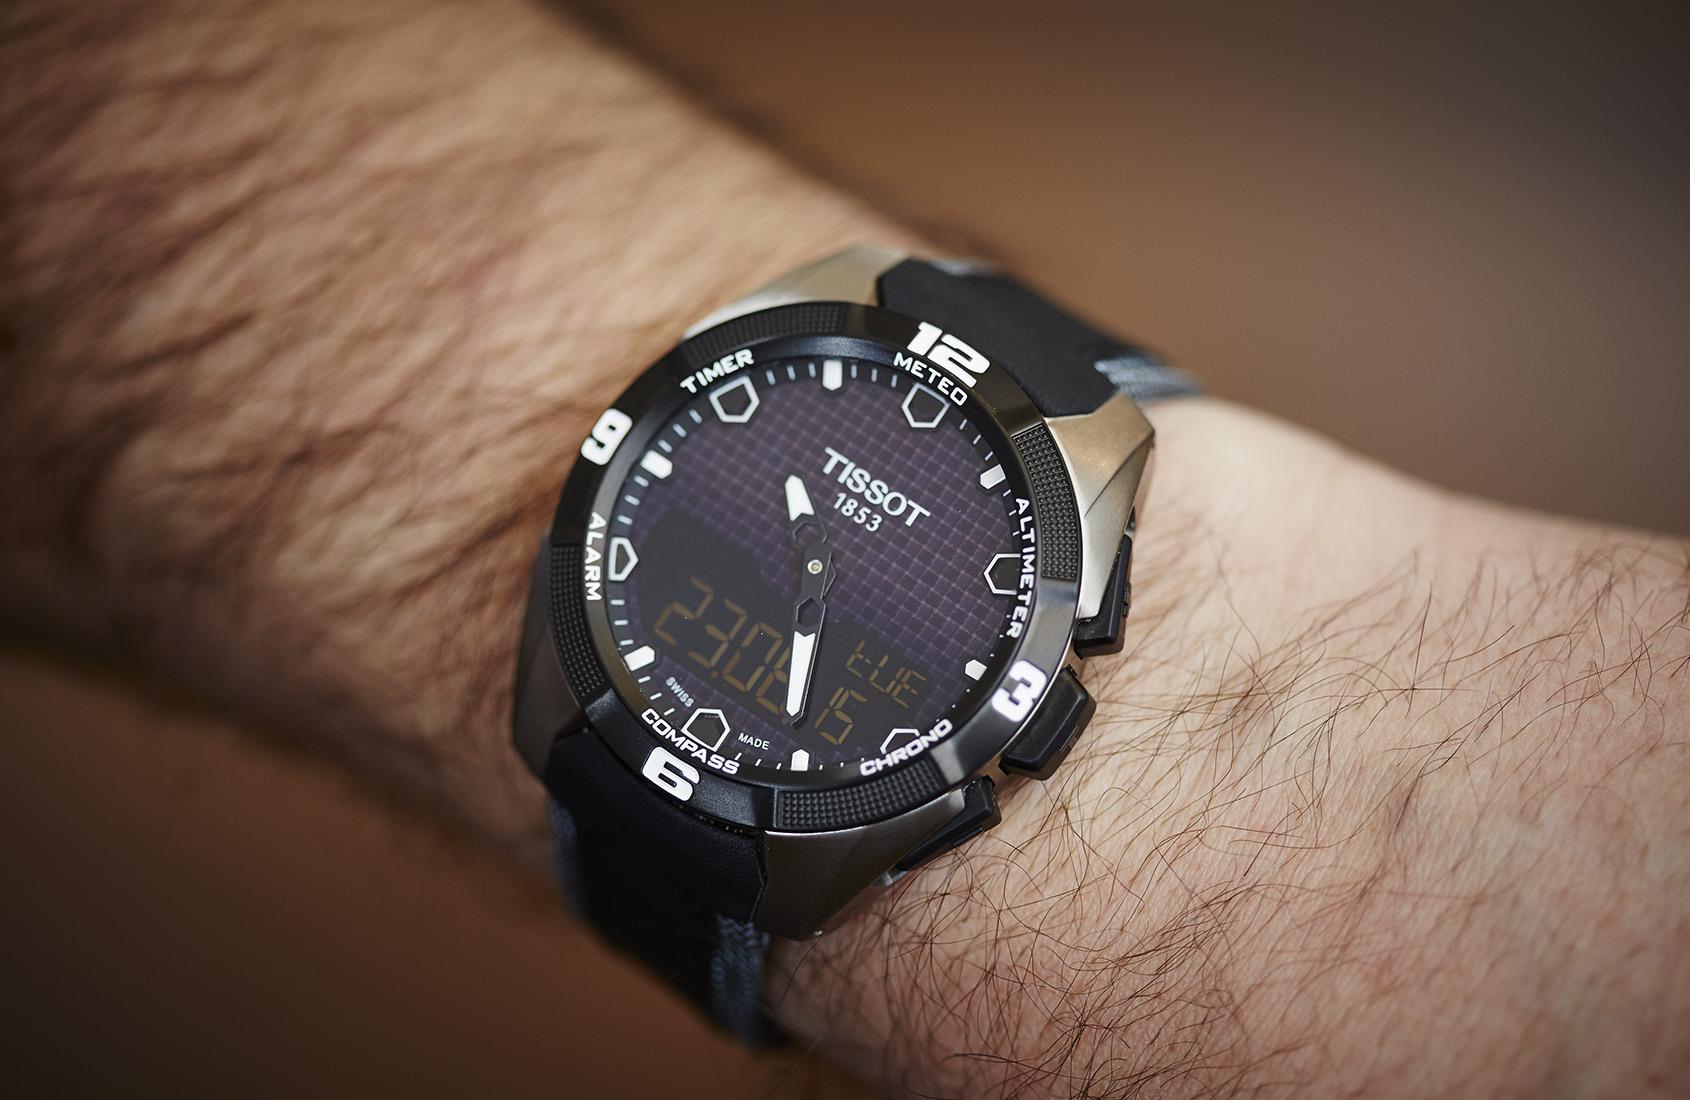 các loại máy đồng hồ đeo tay - đồng hồ quartz